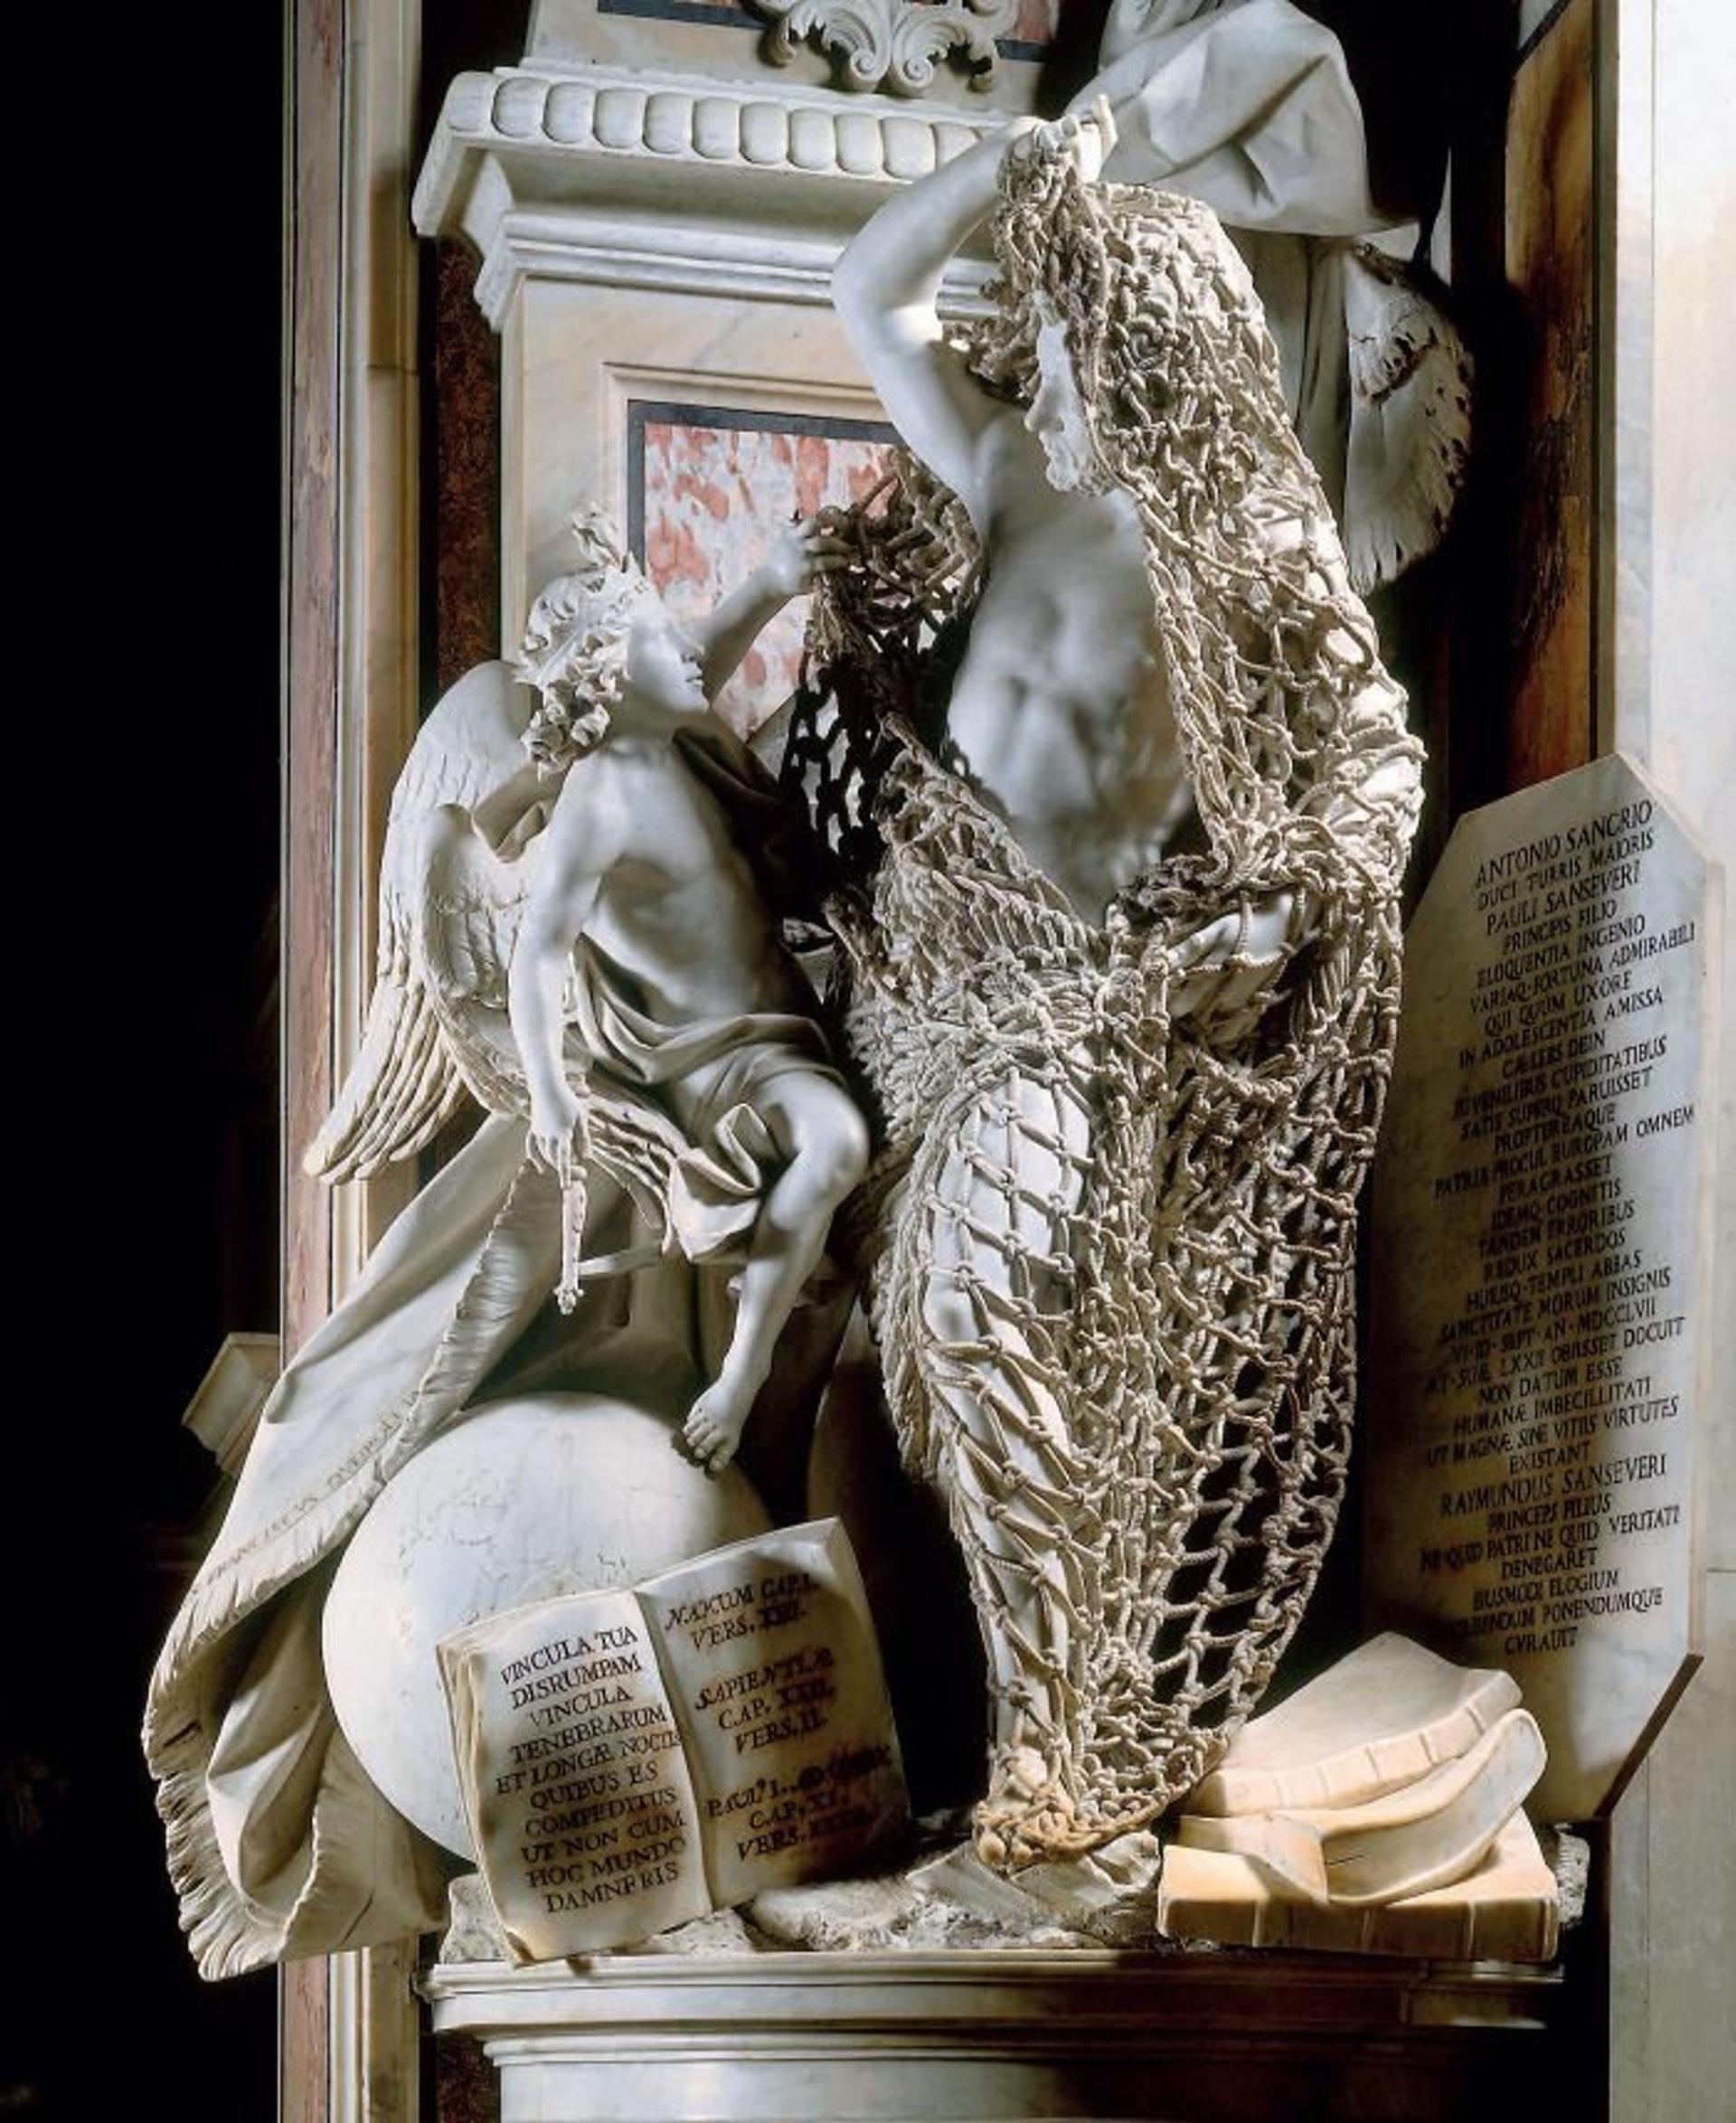 18世紀義大利熱那亞藝術家Francesco Queirolo的傑作《Il Disinganno》(從欺騙中解脫或覺醒)。(圖片擷取自︰geometryofsleep Twitter)